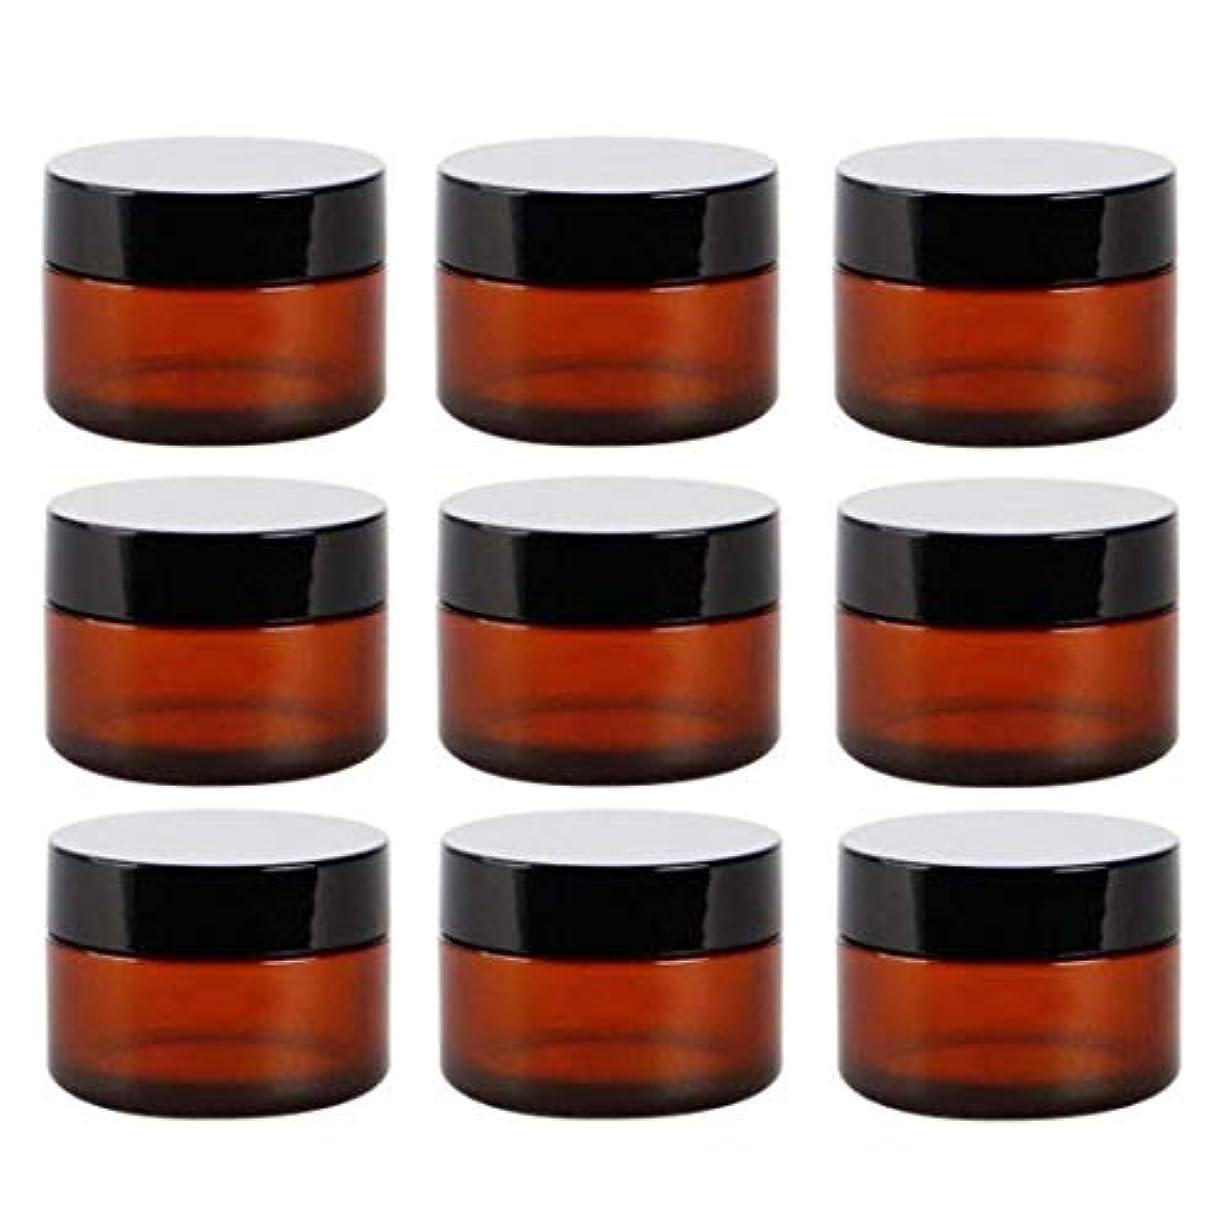 警告適合する鋭くアロマオイル 精油 香水やアロマの保存 小分け用 遮光瓶 詰替え ガラス製 9本セット茶色10g